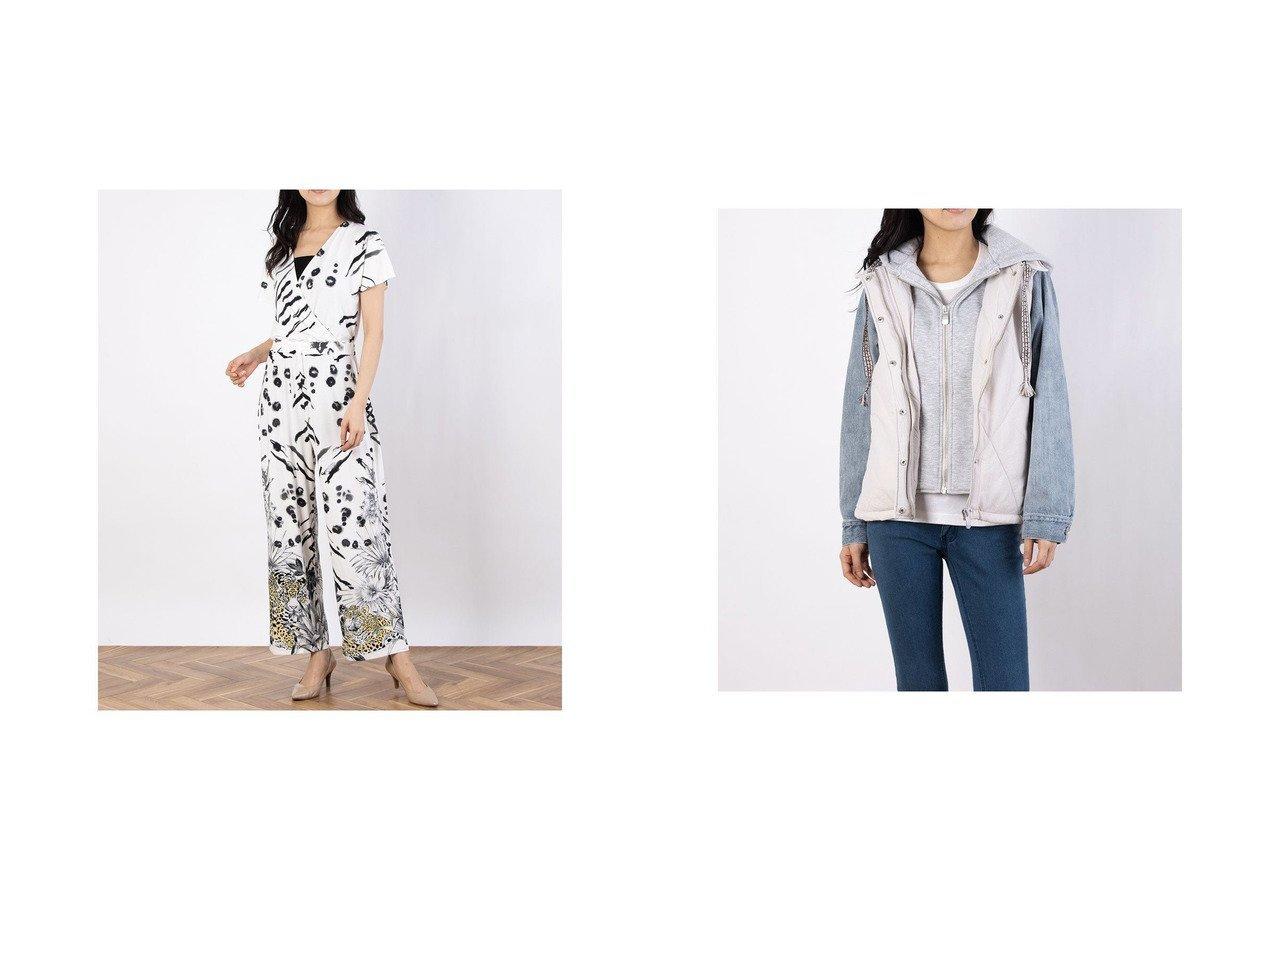 【Desigual/デシグアル】のオーバーオールパンツ MIKONOS&パッド入り半オーバーコート GLEN Desigualのおすすめ!人気、トレンド・レディースファッションの通販 おすすめで人気の流行・トレンド、ファッションの通販商品 メンズファッション・キッズファッション・インテリア・家具・レディースファッション・服の通販 founy(ファニー) https://founy.com/ ファッション Fashion レディースファッション WOMEN パンツ Pants アウター Coat Outerwear コート Coats 2021年 2021 2021 春夏 S/S SS Spring/Summer 2021 S/S 春夏 SS Spring/Summer カシュクール 春 Spring |ID:crp329100000019763